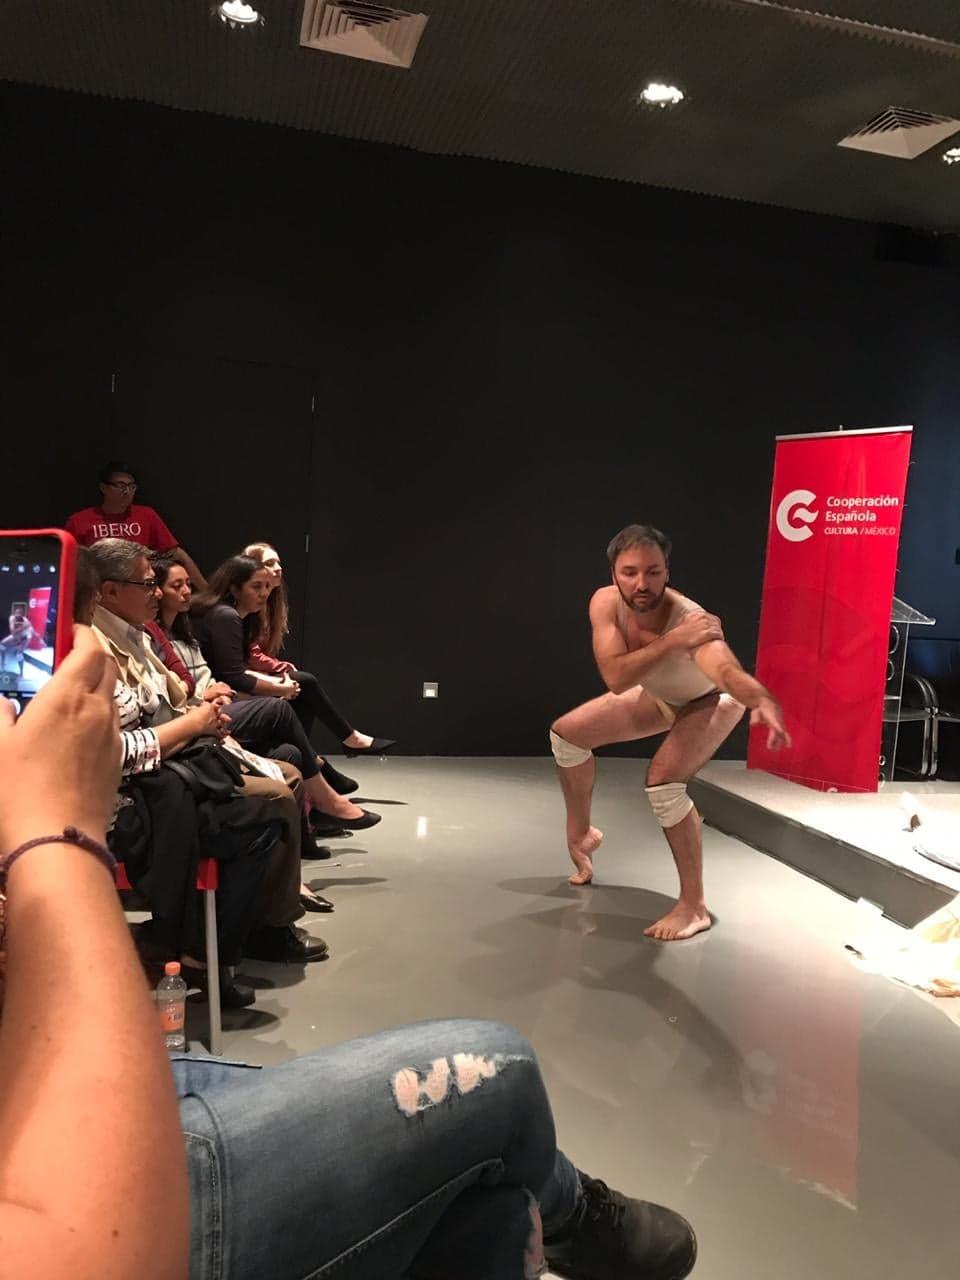 Foto vertical colorida mostrando o professor Berté durante sua performance em um espaço interno, próximo ao público que o assiste